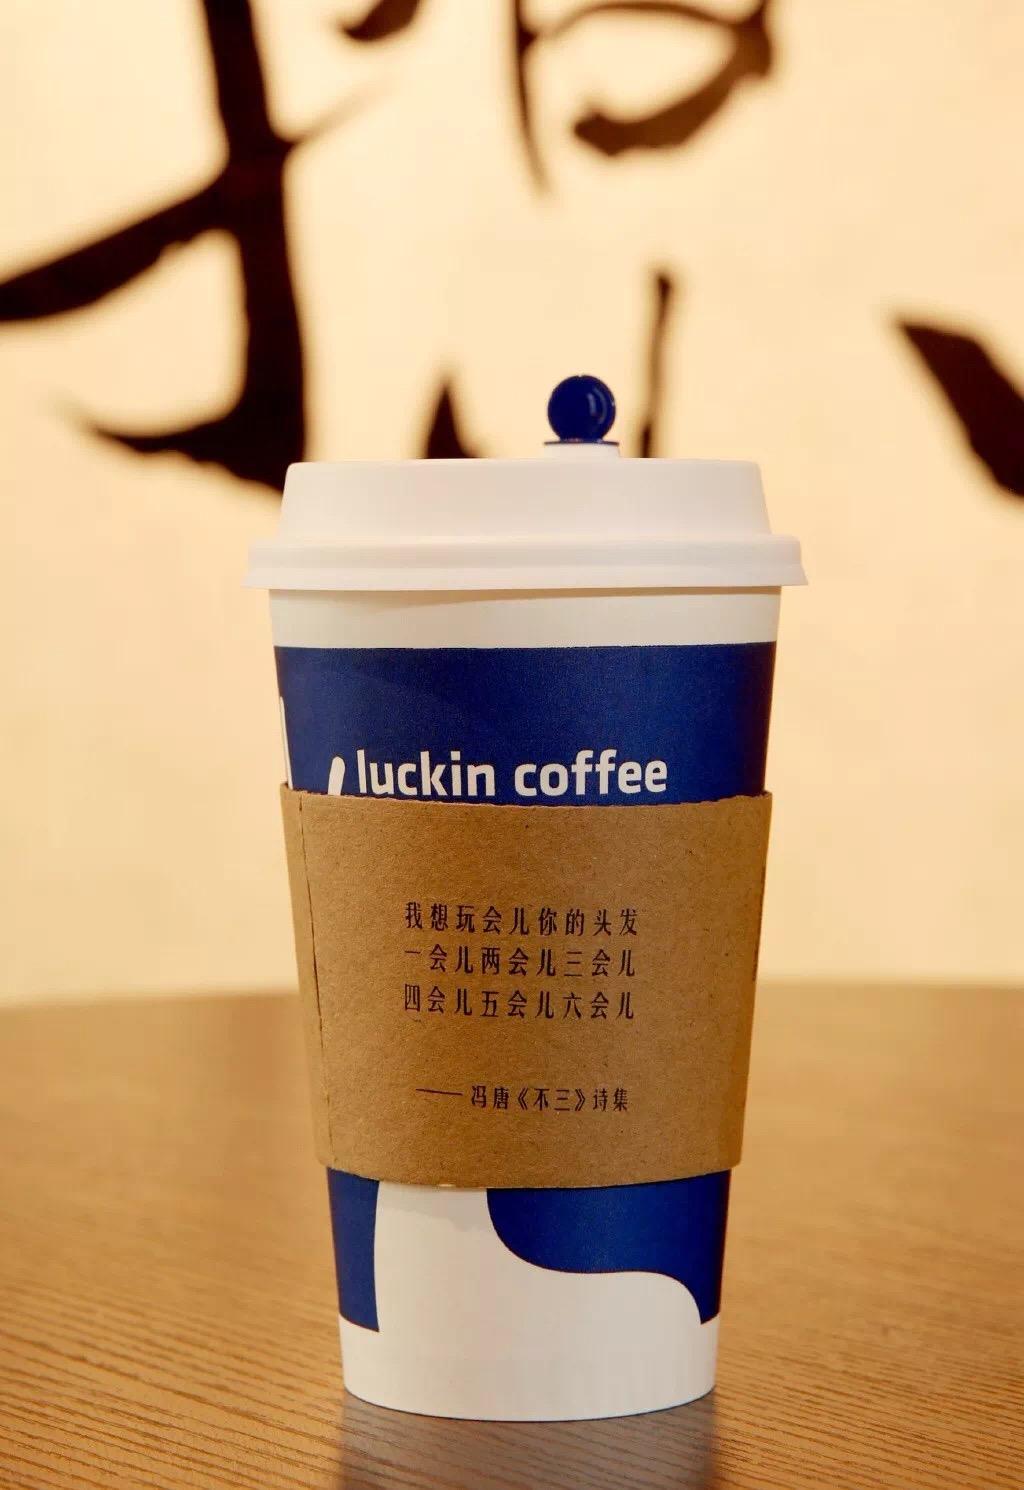 瑞幸咖啡博文配图